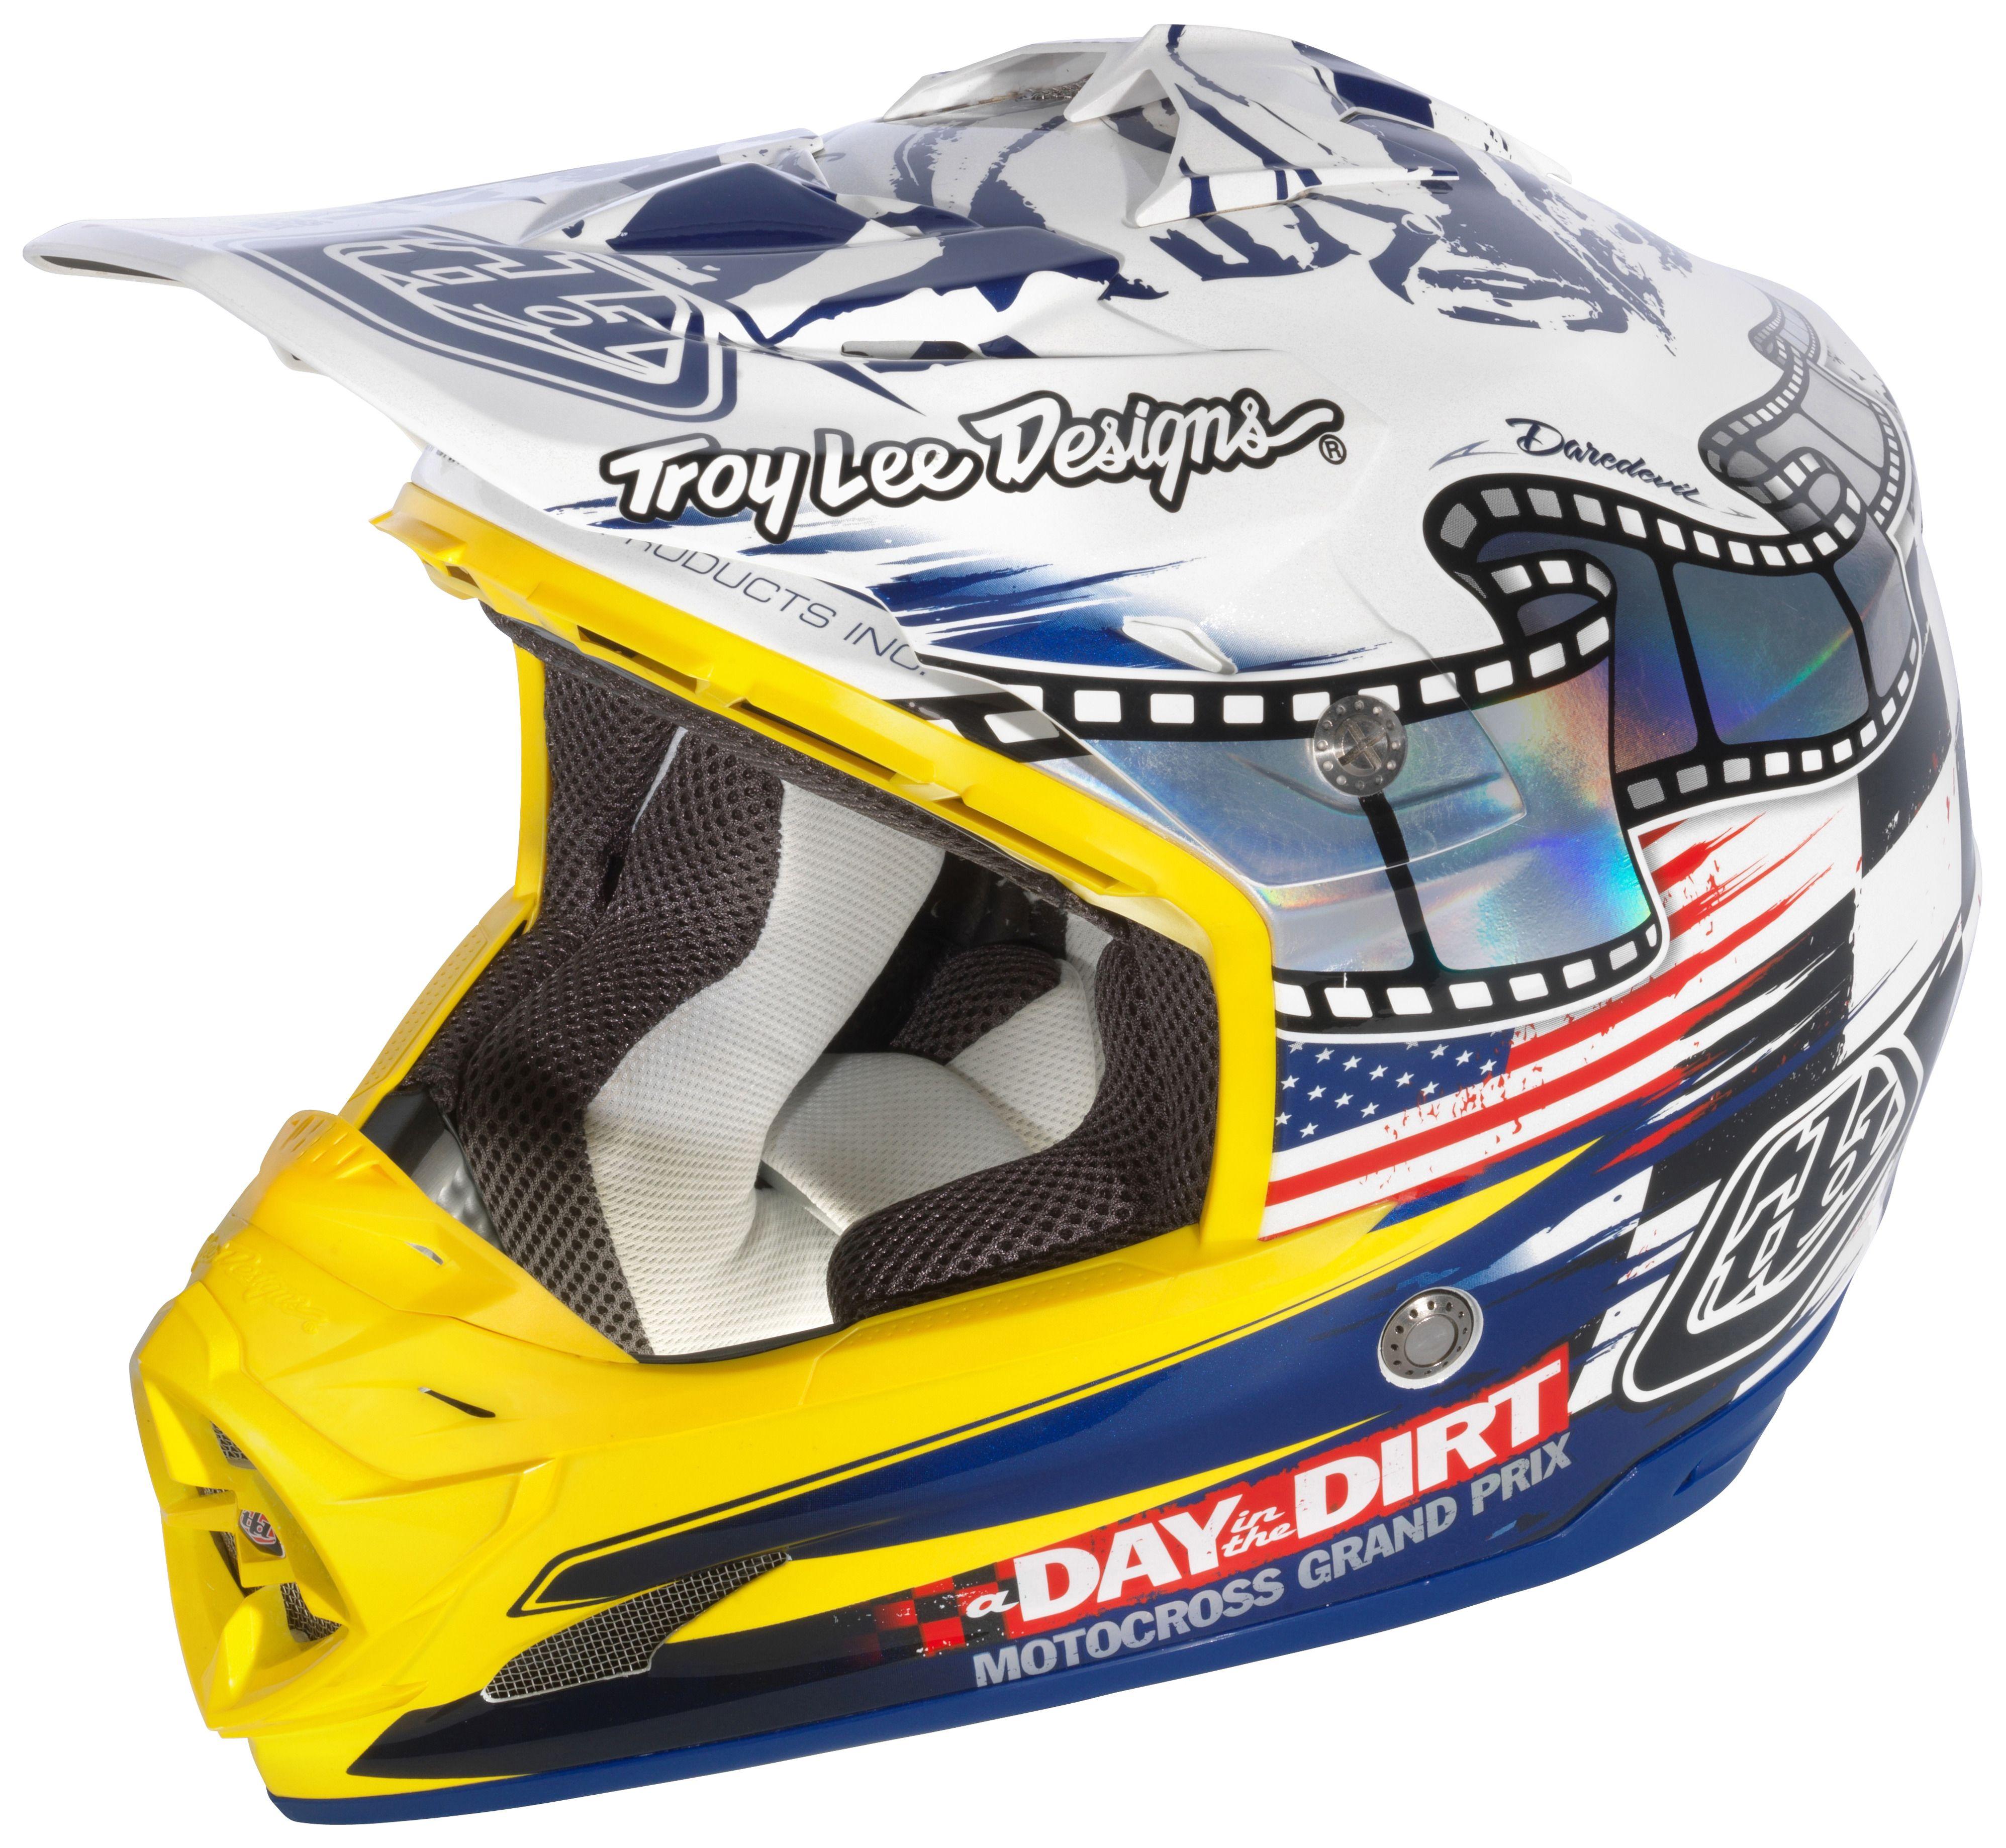 Troy Lee Se3 Ditd Mc Queen Helmet Jpg